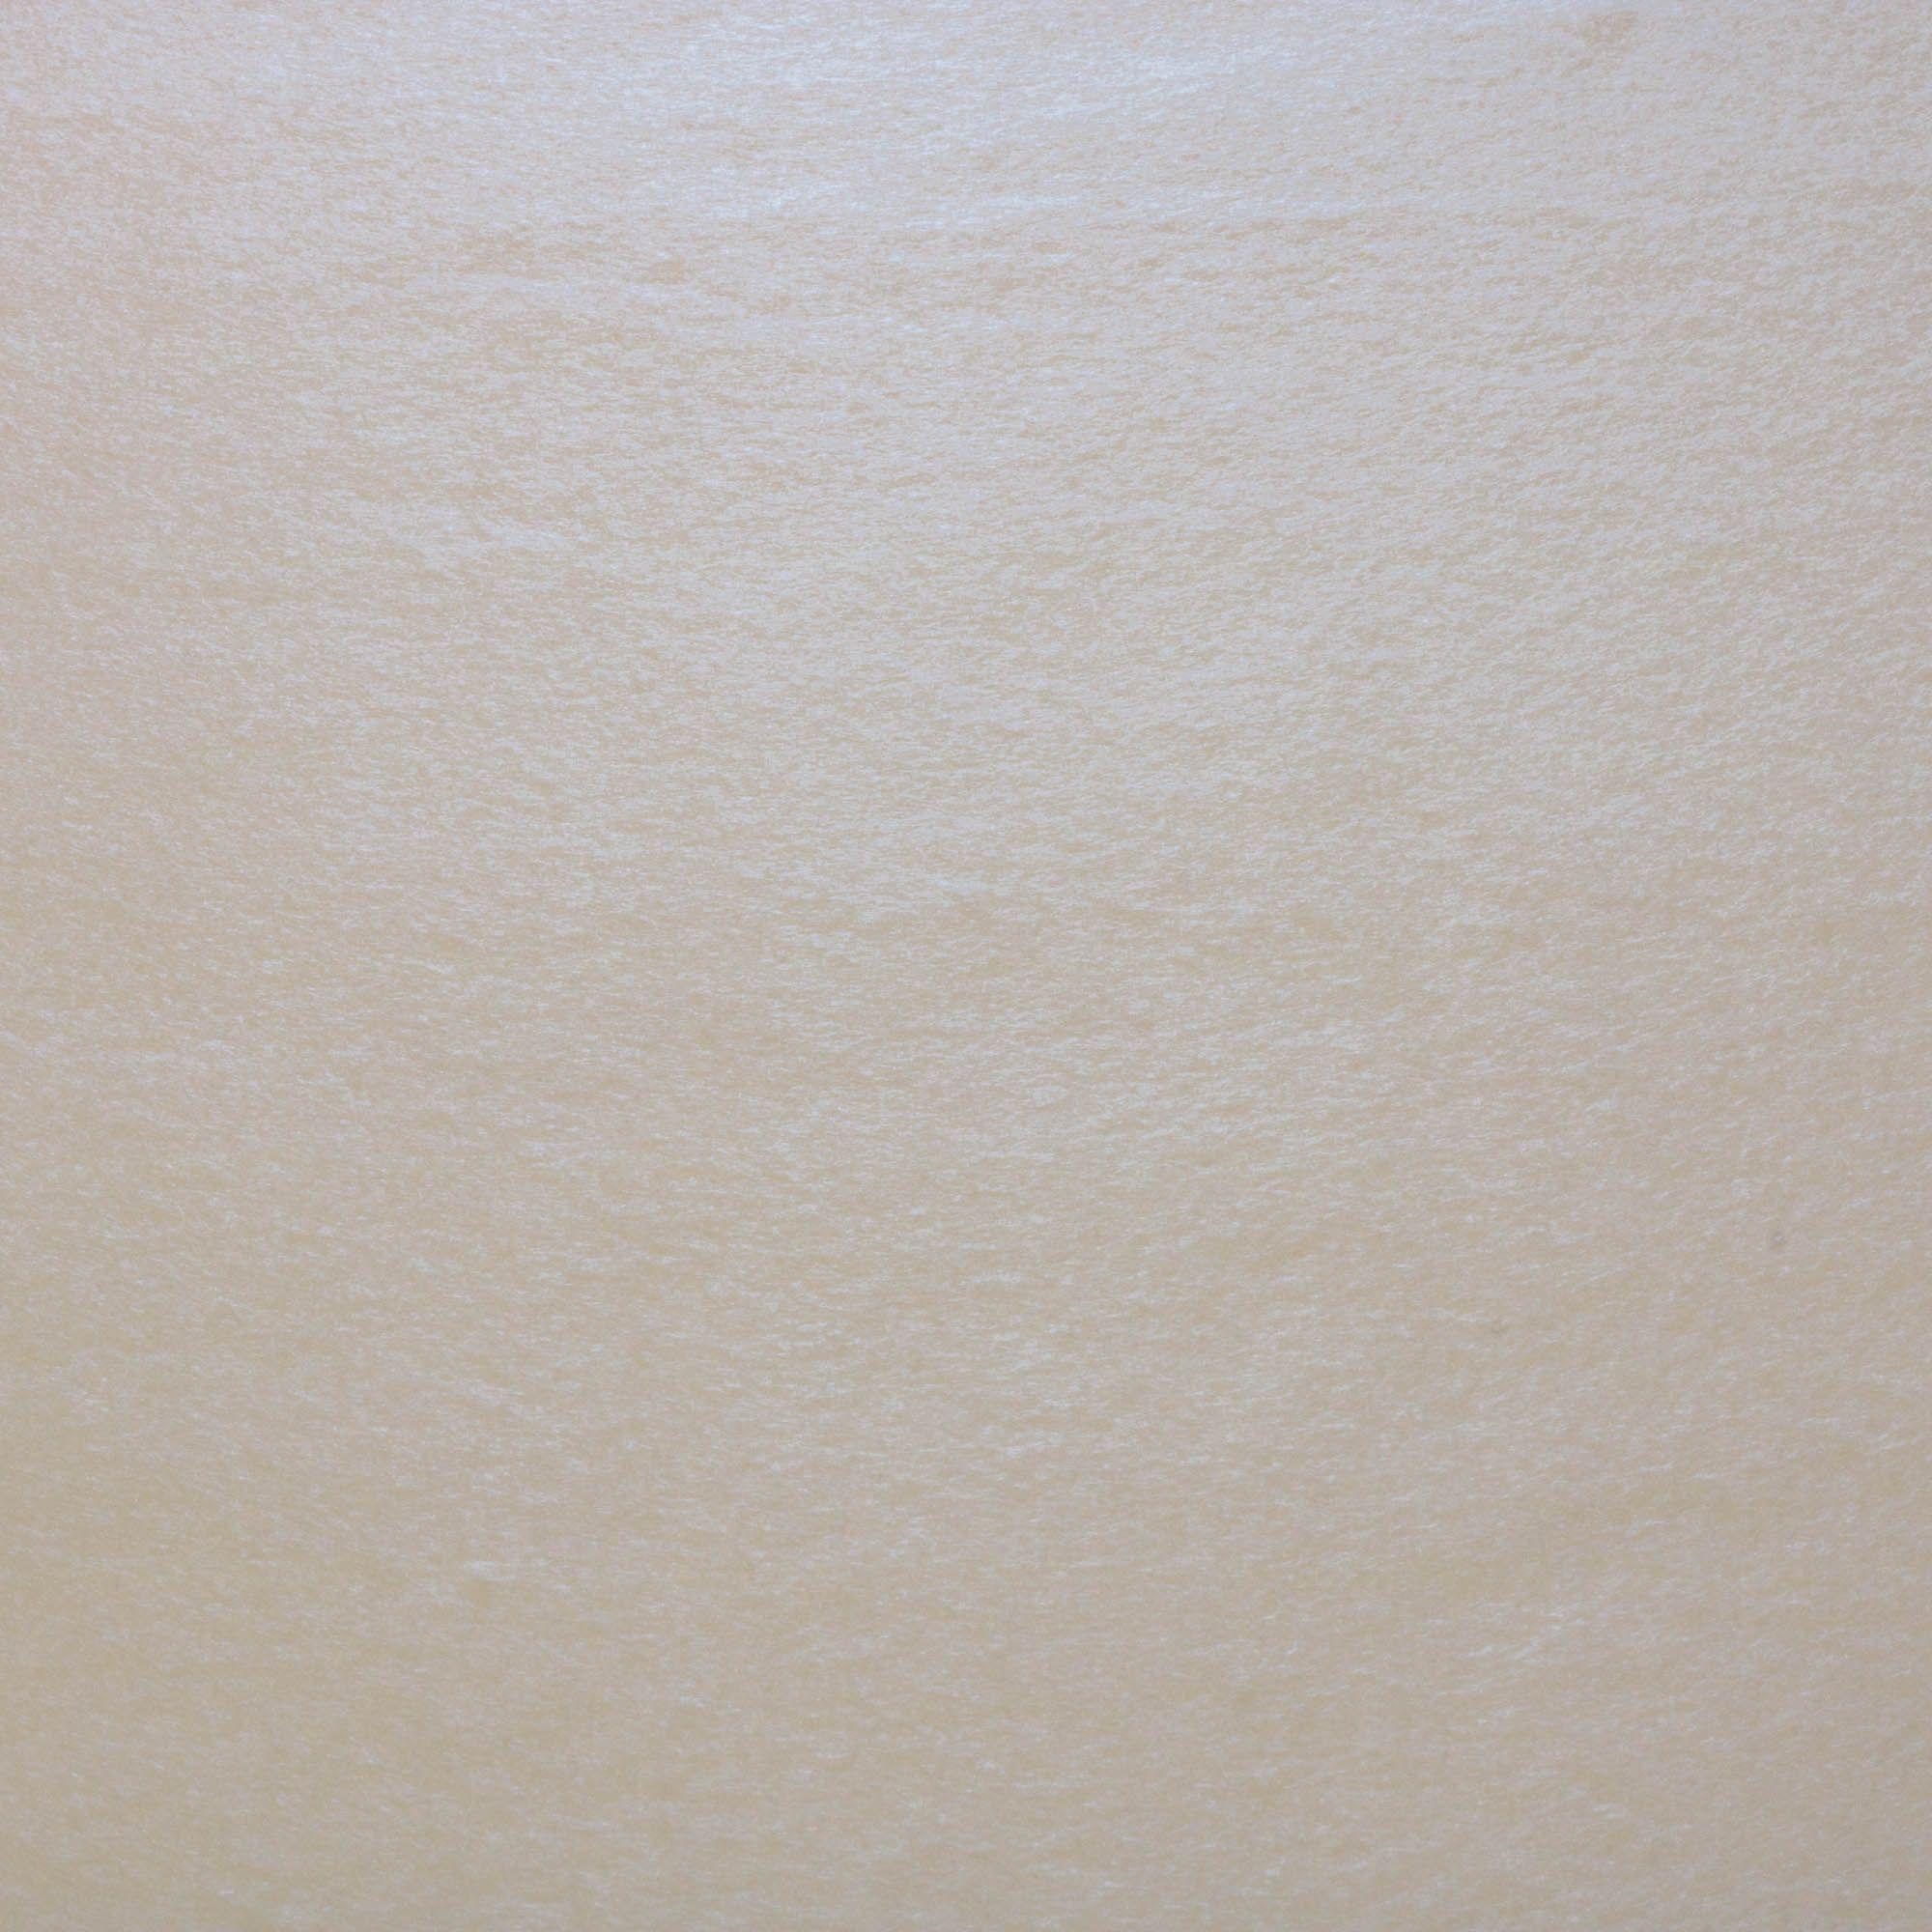 Tecido Malha Soft Branca 100% Poliester 1,60 m Largura